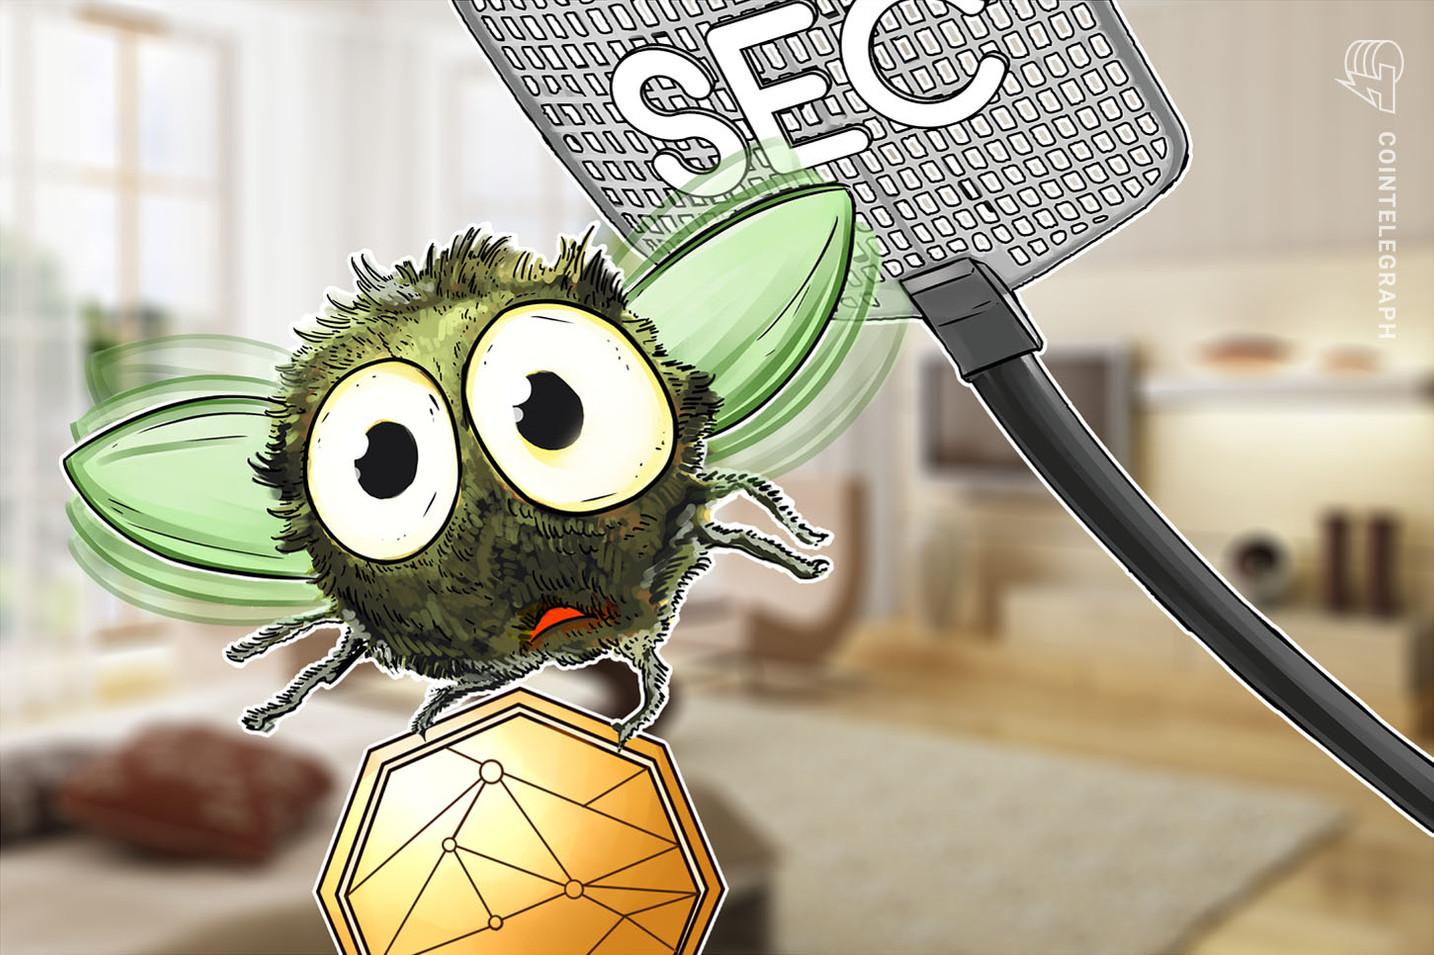 SEC dos EUA aplica multa de US$ 16 milhões para empresa de criptomoedas 'não registrada'